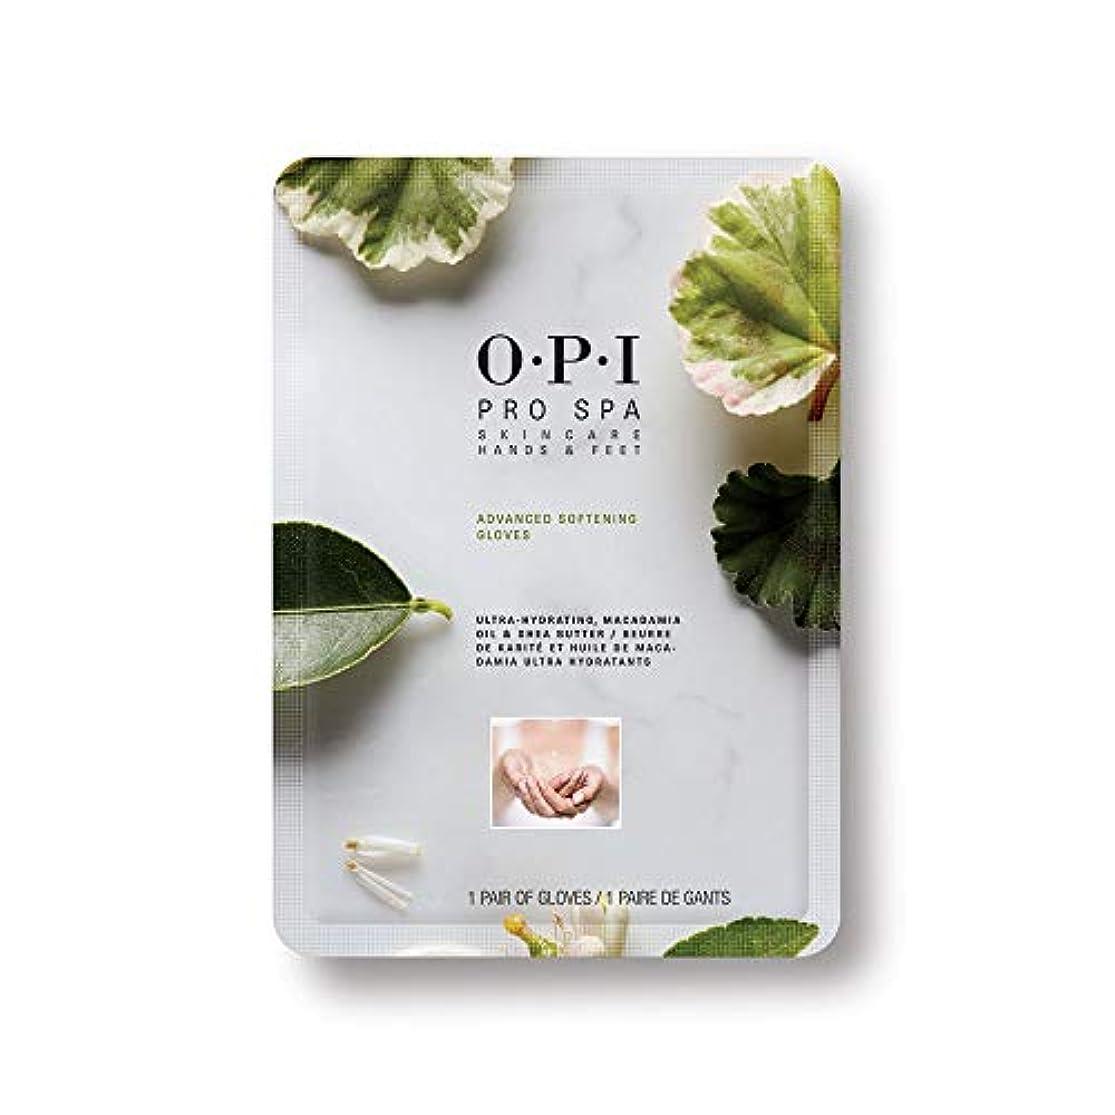 借りるチャンバー保全OPI(オーピーアイ) プロスパ アドバンス ソフニング グローブ